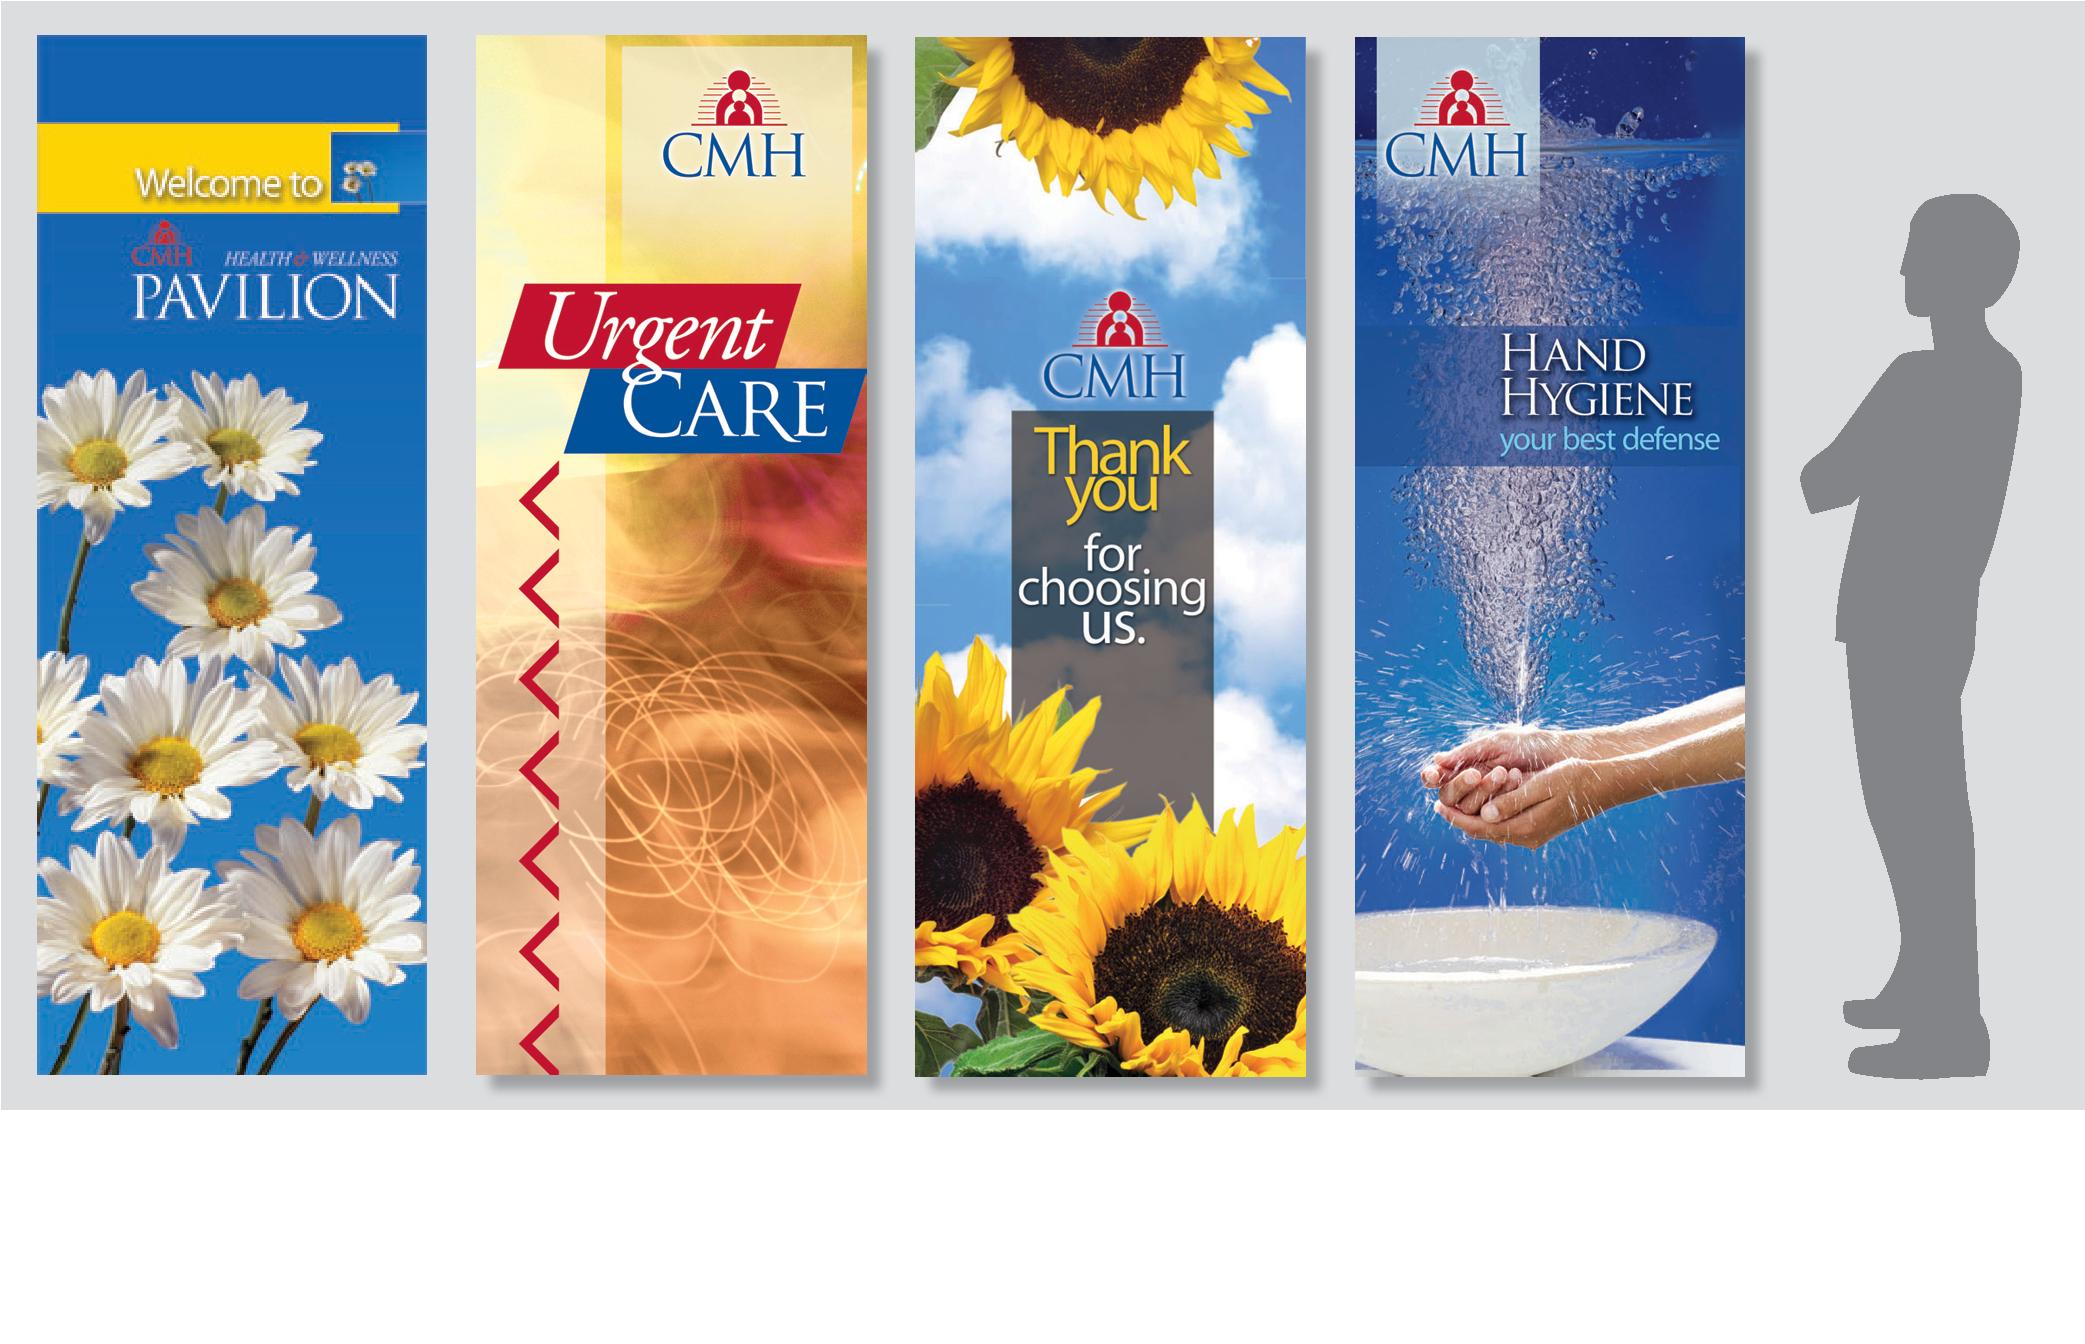 cmh urgent care brochures